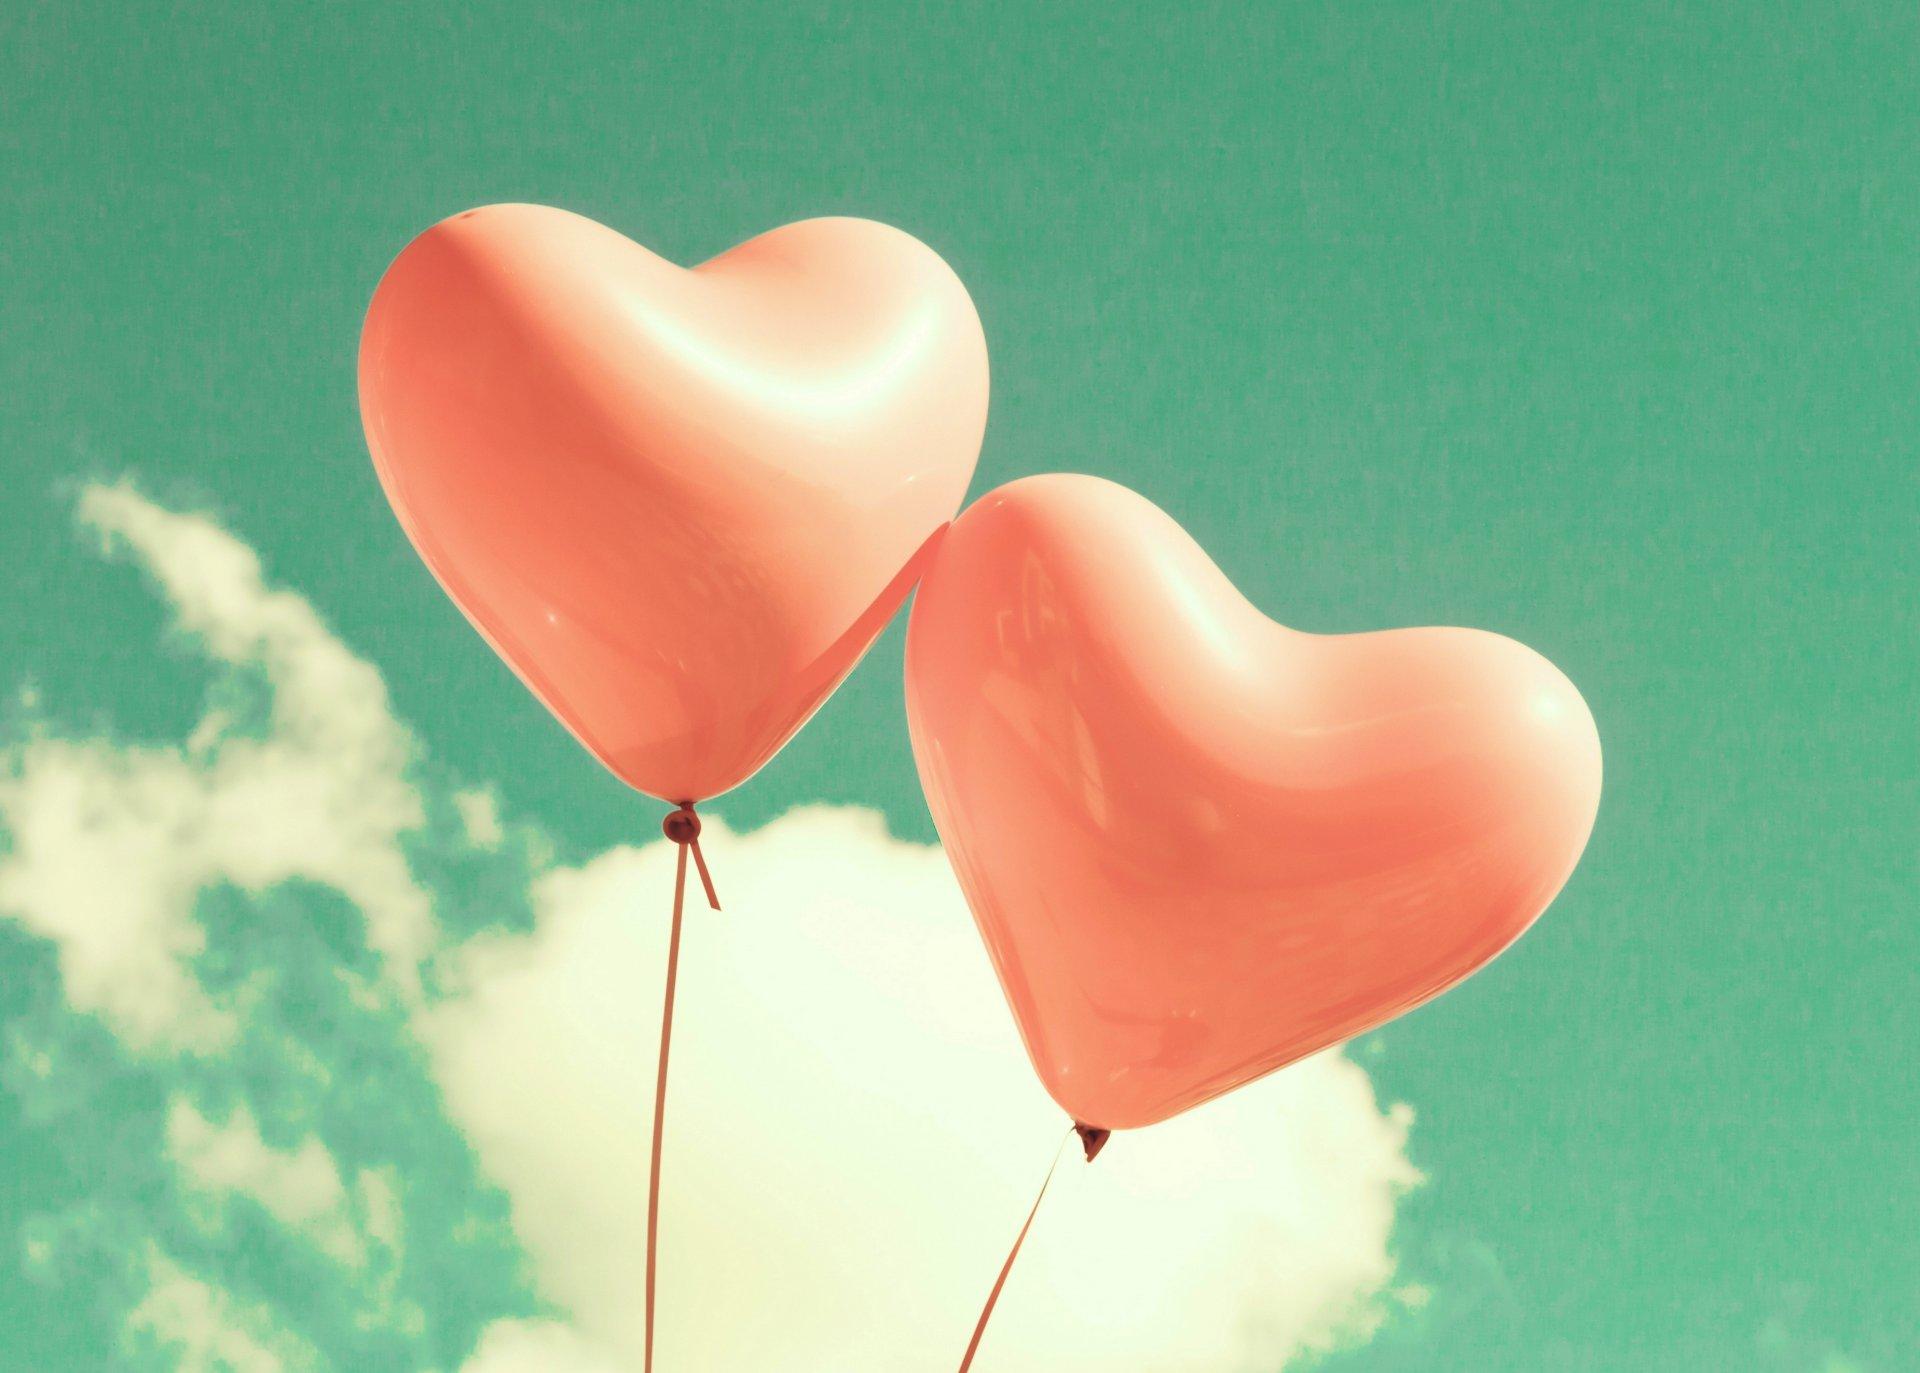 Красивые картинки в виде сердечек, красивые картинки спасибо